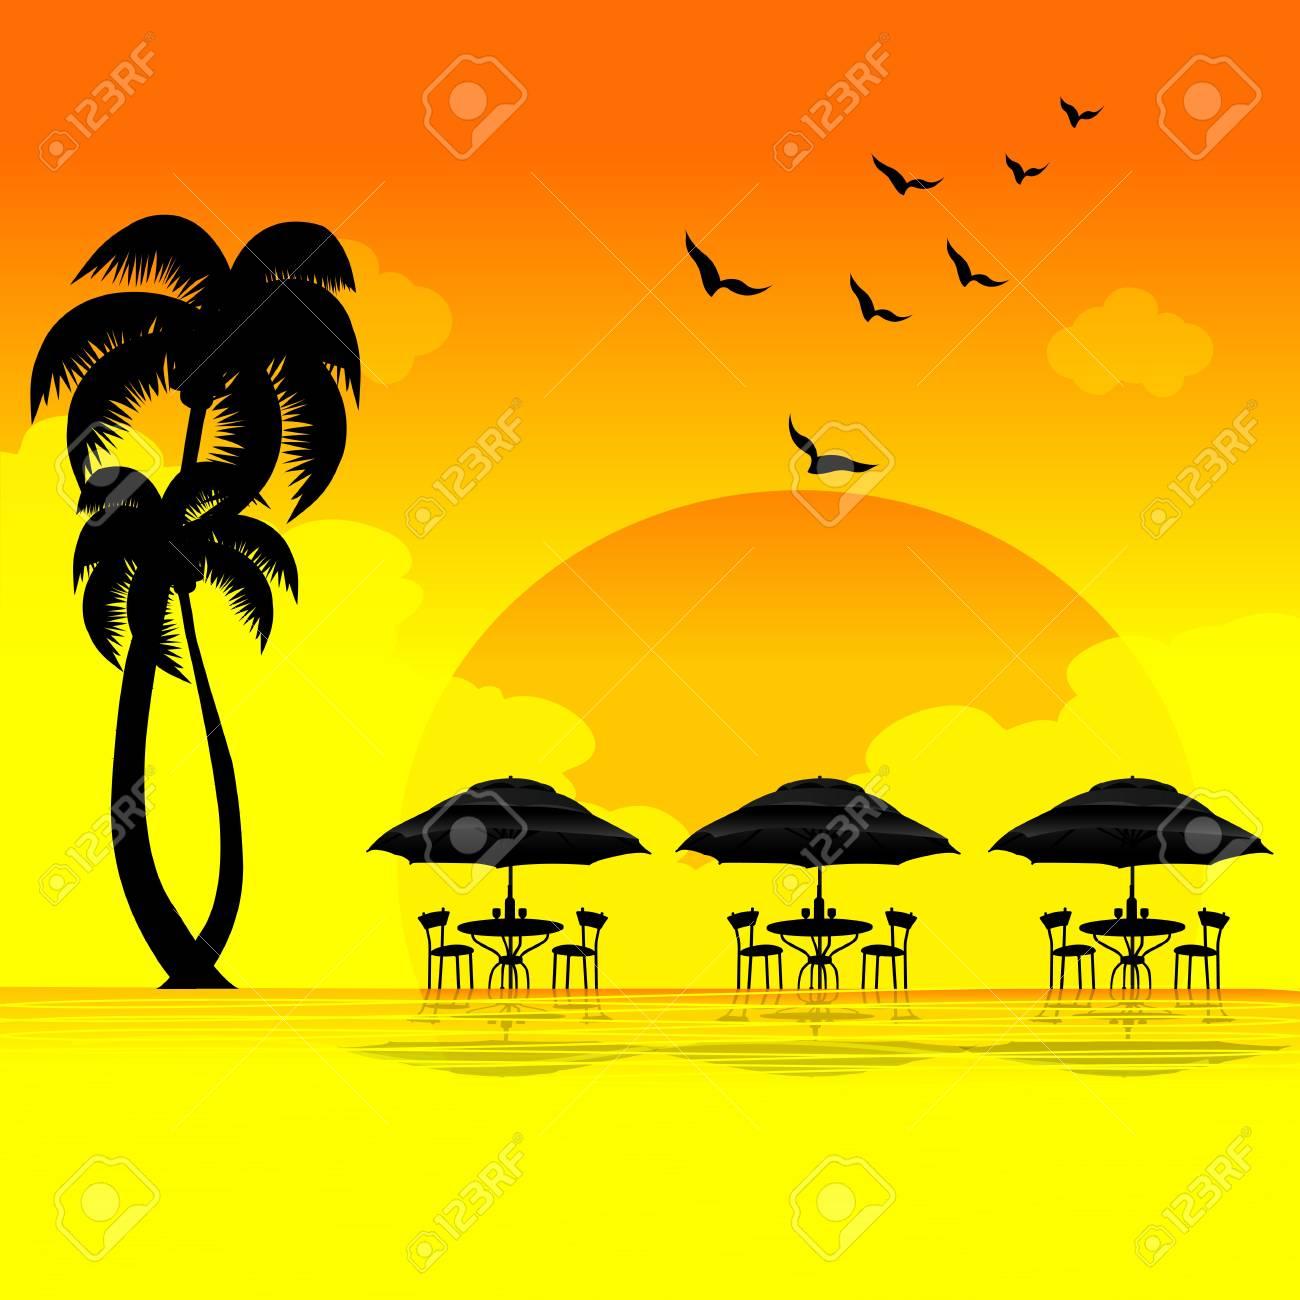 illustration of sun set on beach Stock Photo - 8303051